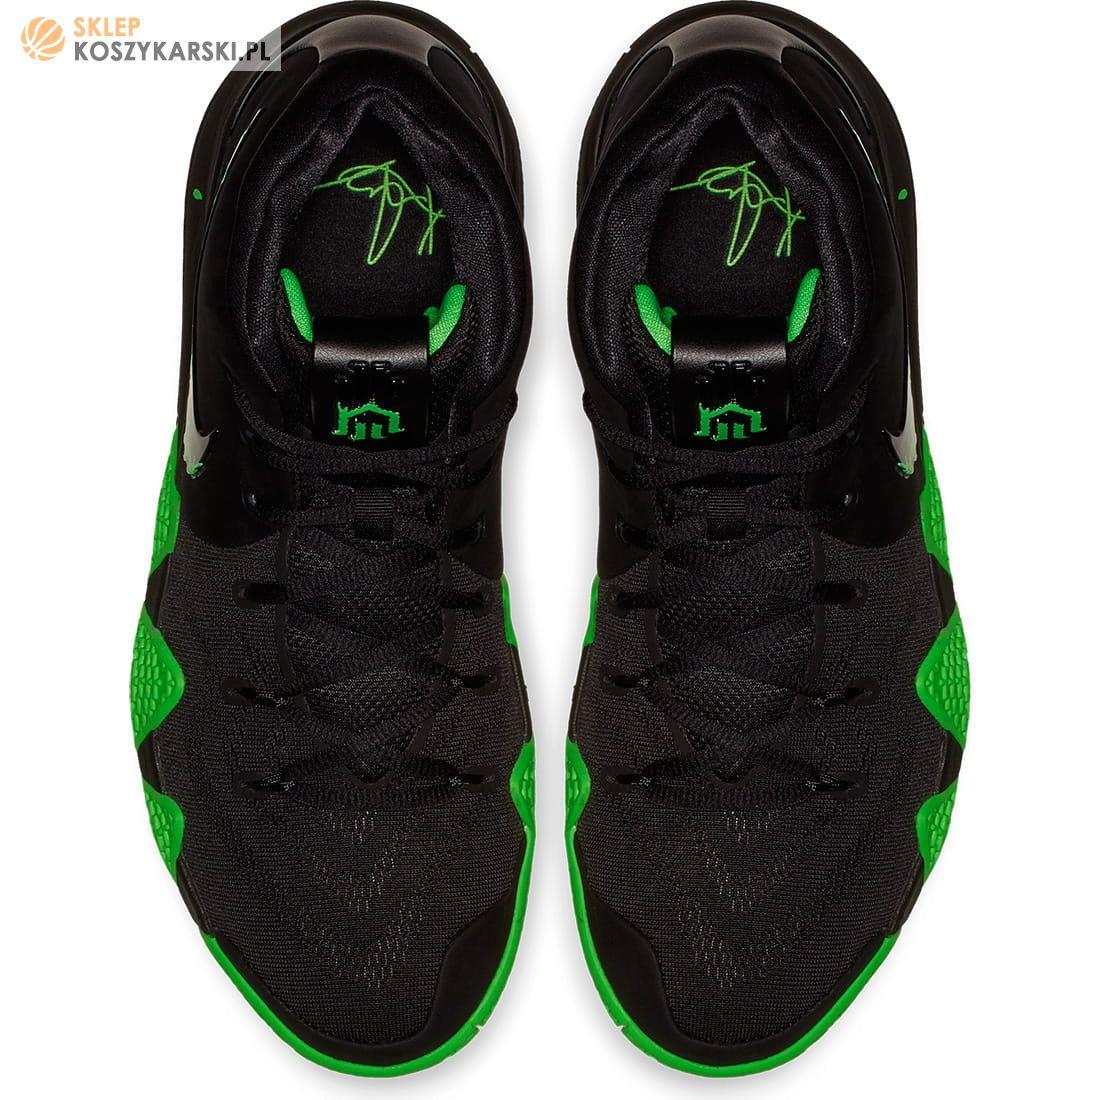 f9848618ac2ade Buty do koszykówki Nike KYRIE 4 (943806-012) -SklepKoszykarski.pl